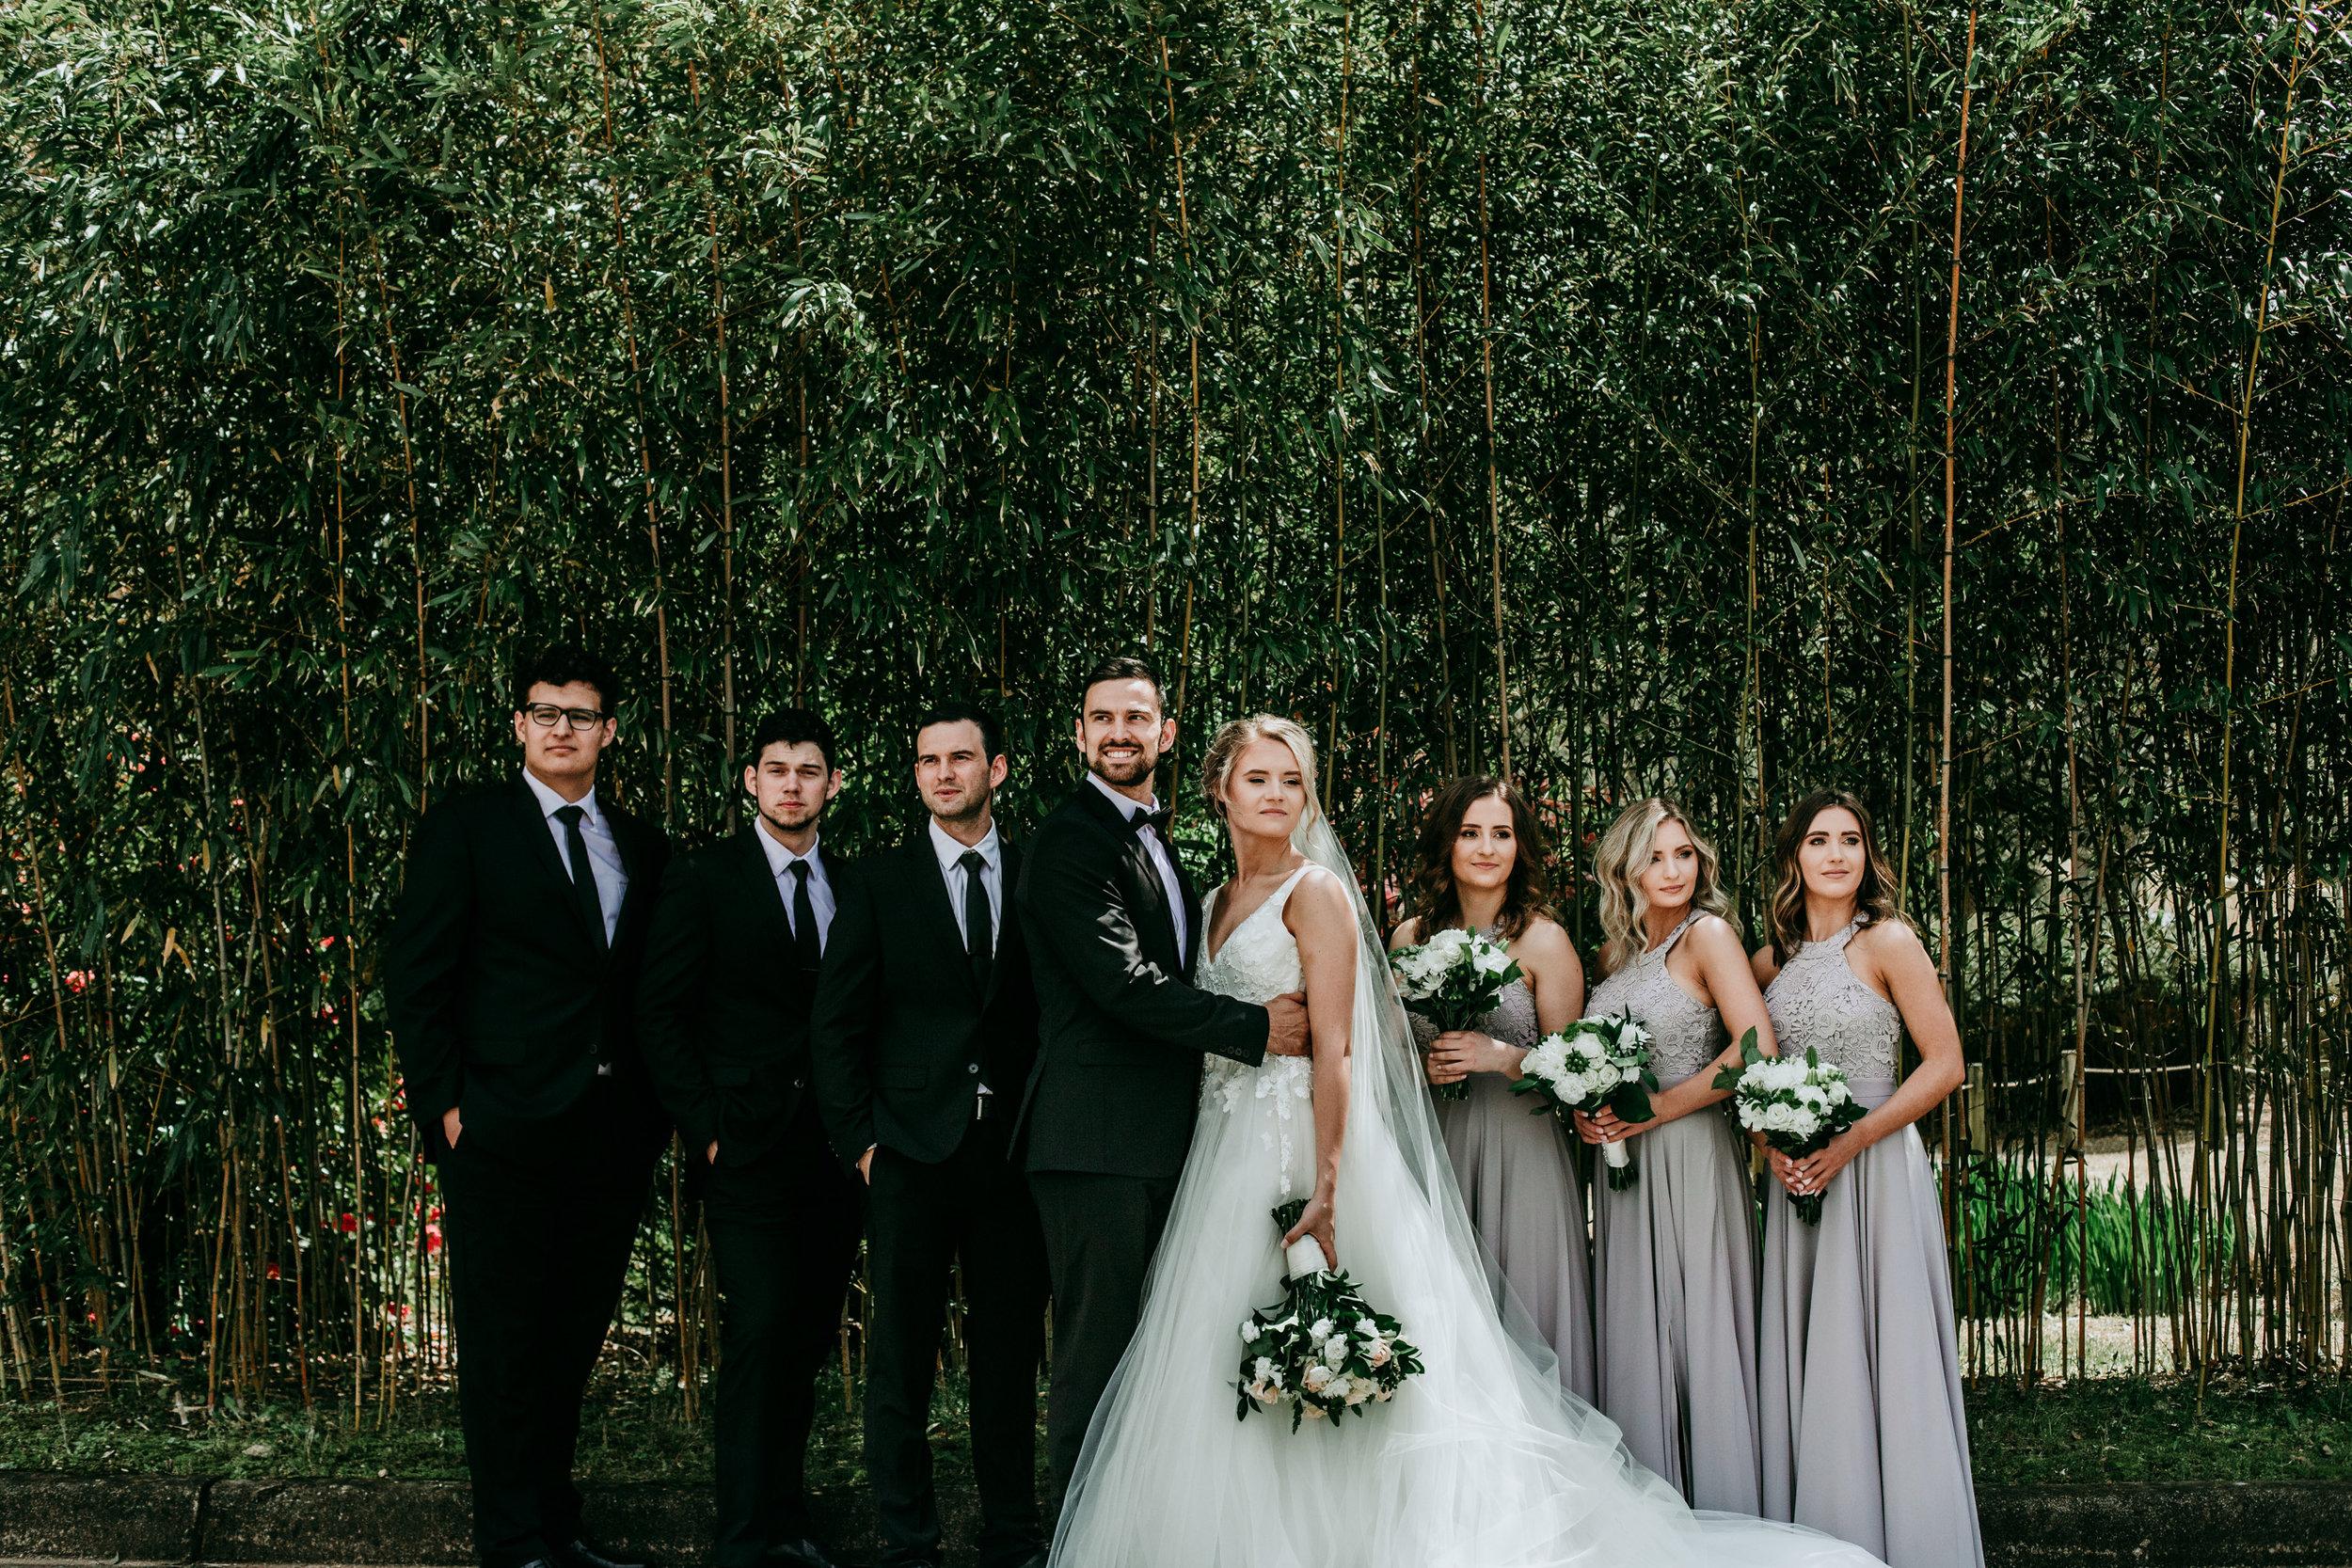 unique-outdoor-wedding-photos.jpg